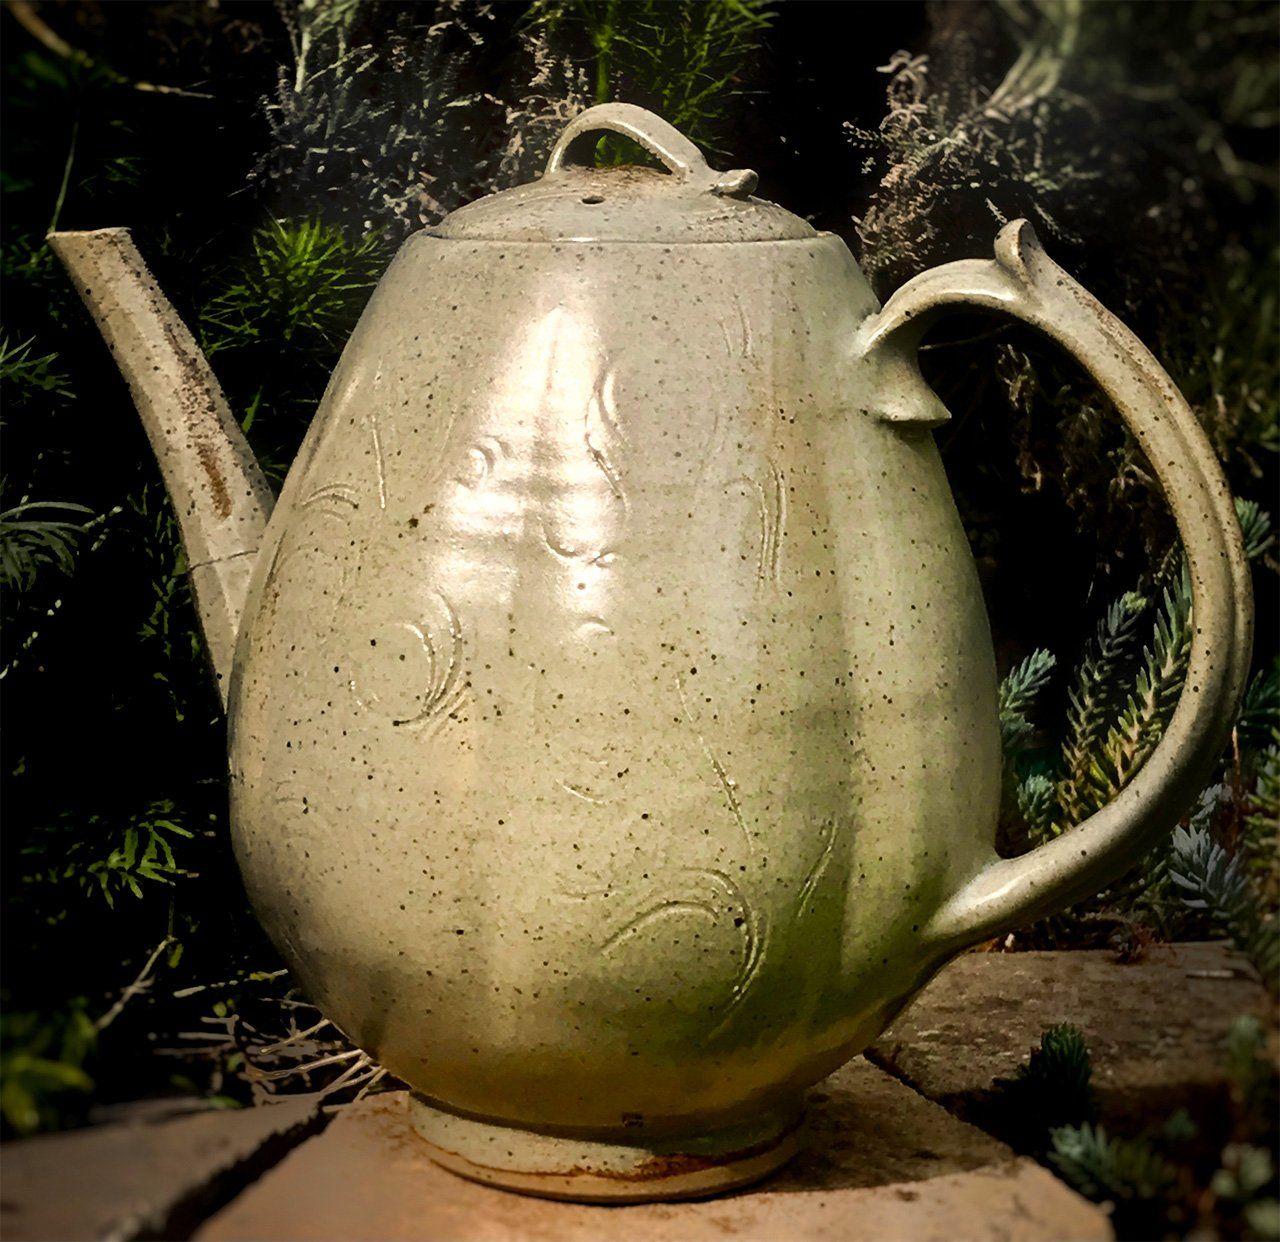 Чайник, сделанный отцом Дэвида Кендалла (© фото Дэвида Кендалла)